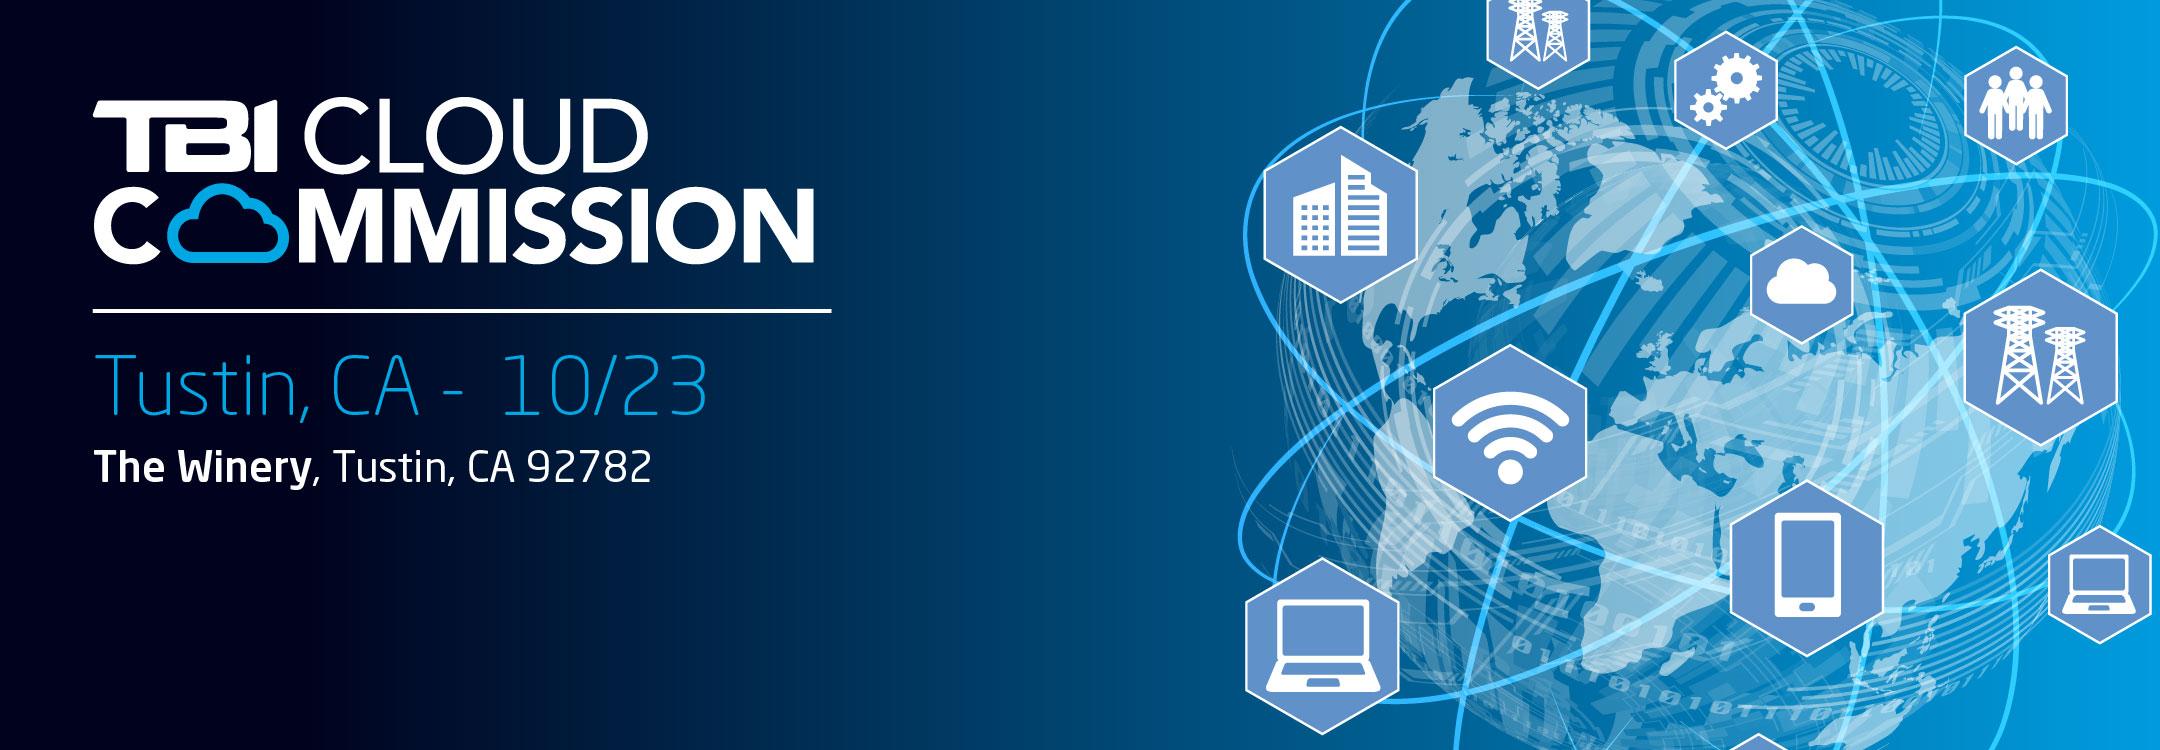 2018-09-20_TBI-Cloud-Commission_Tustin-CA2.jpg